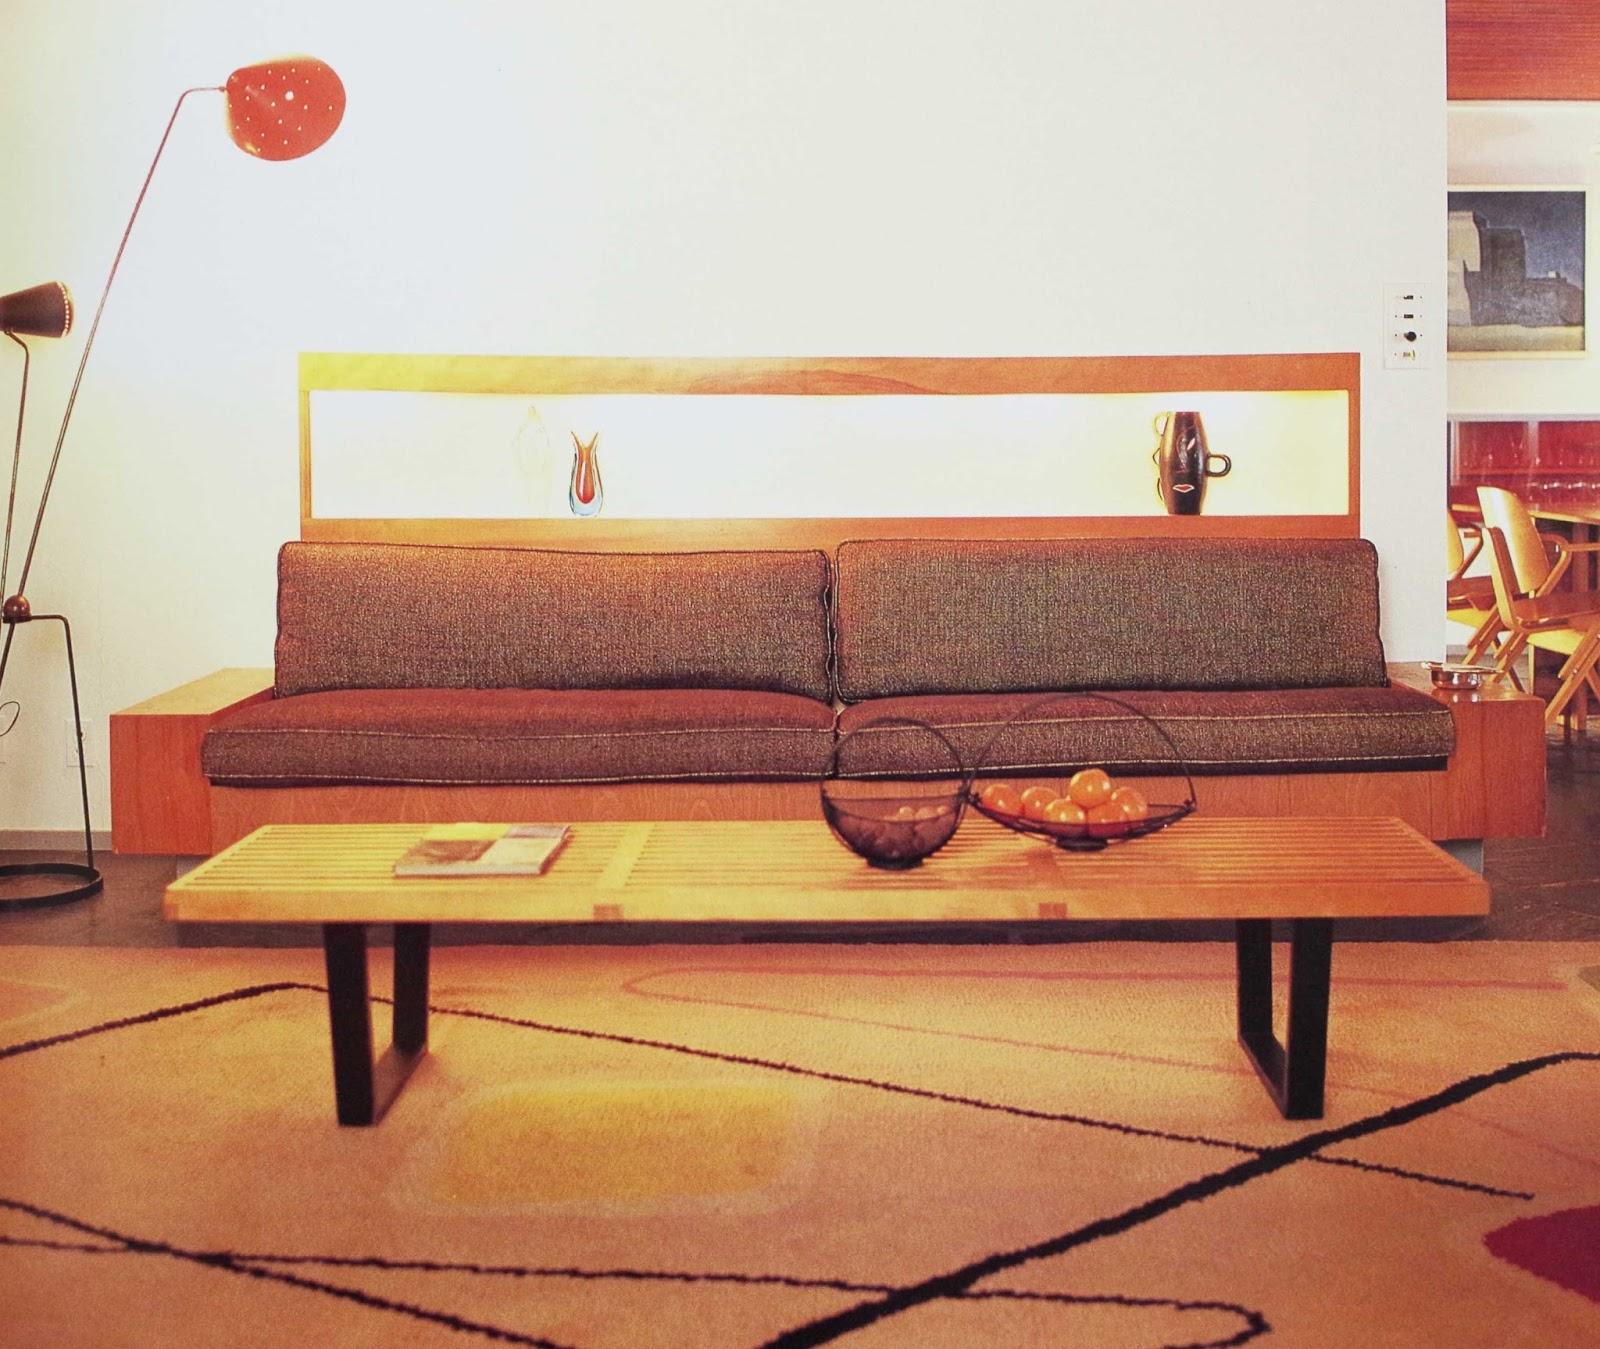 ネルソンベンチをテーブル